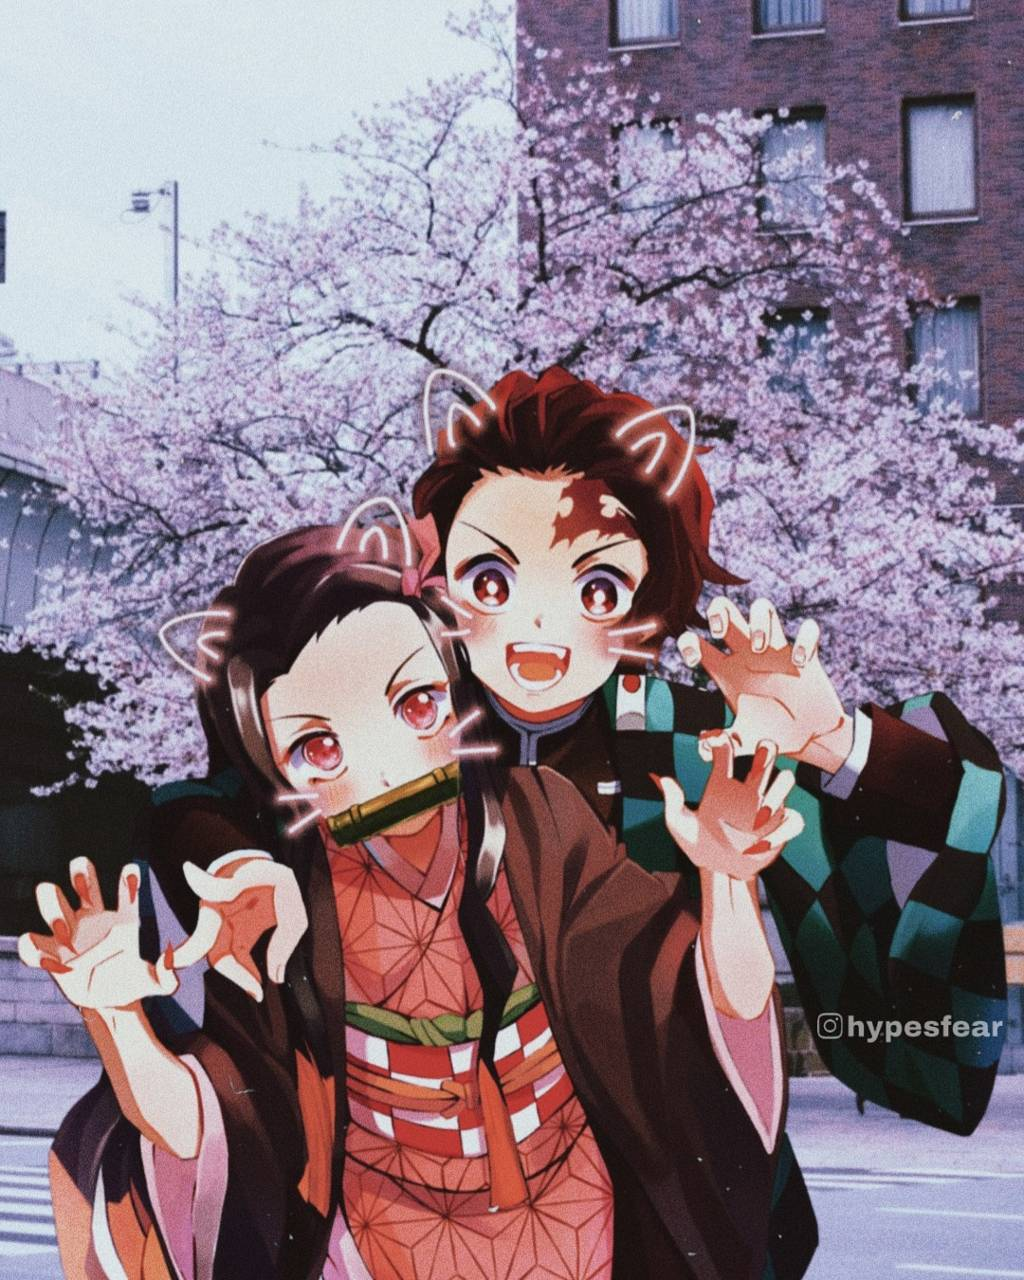 Tanjiro and Nezuko